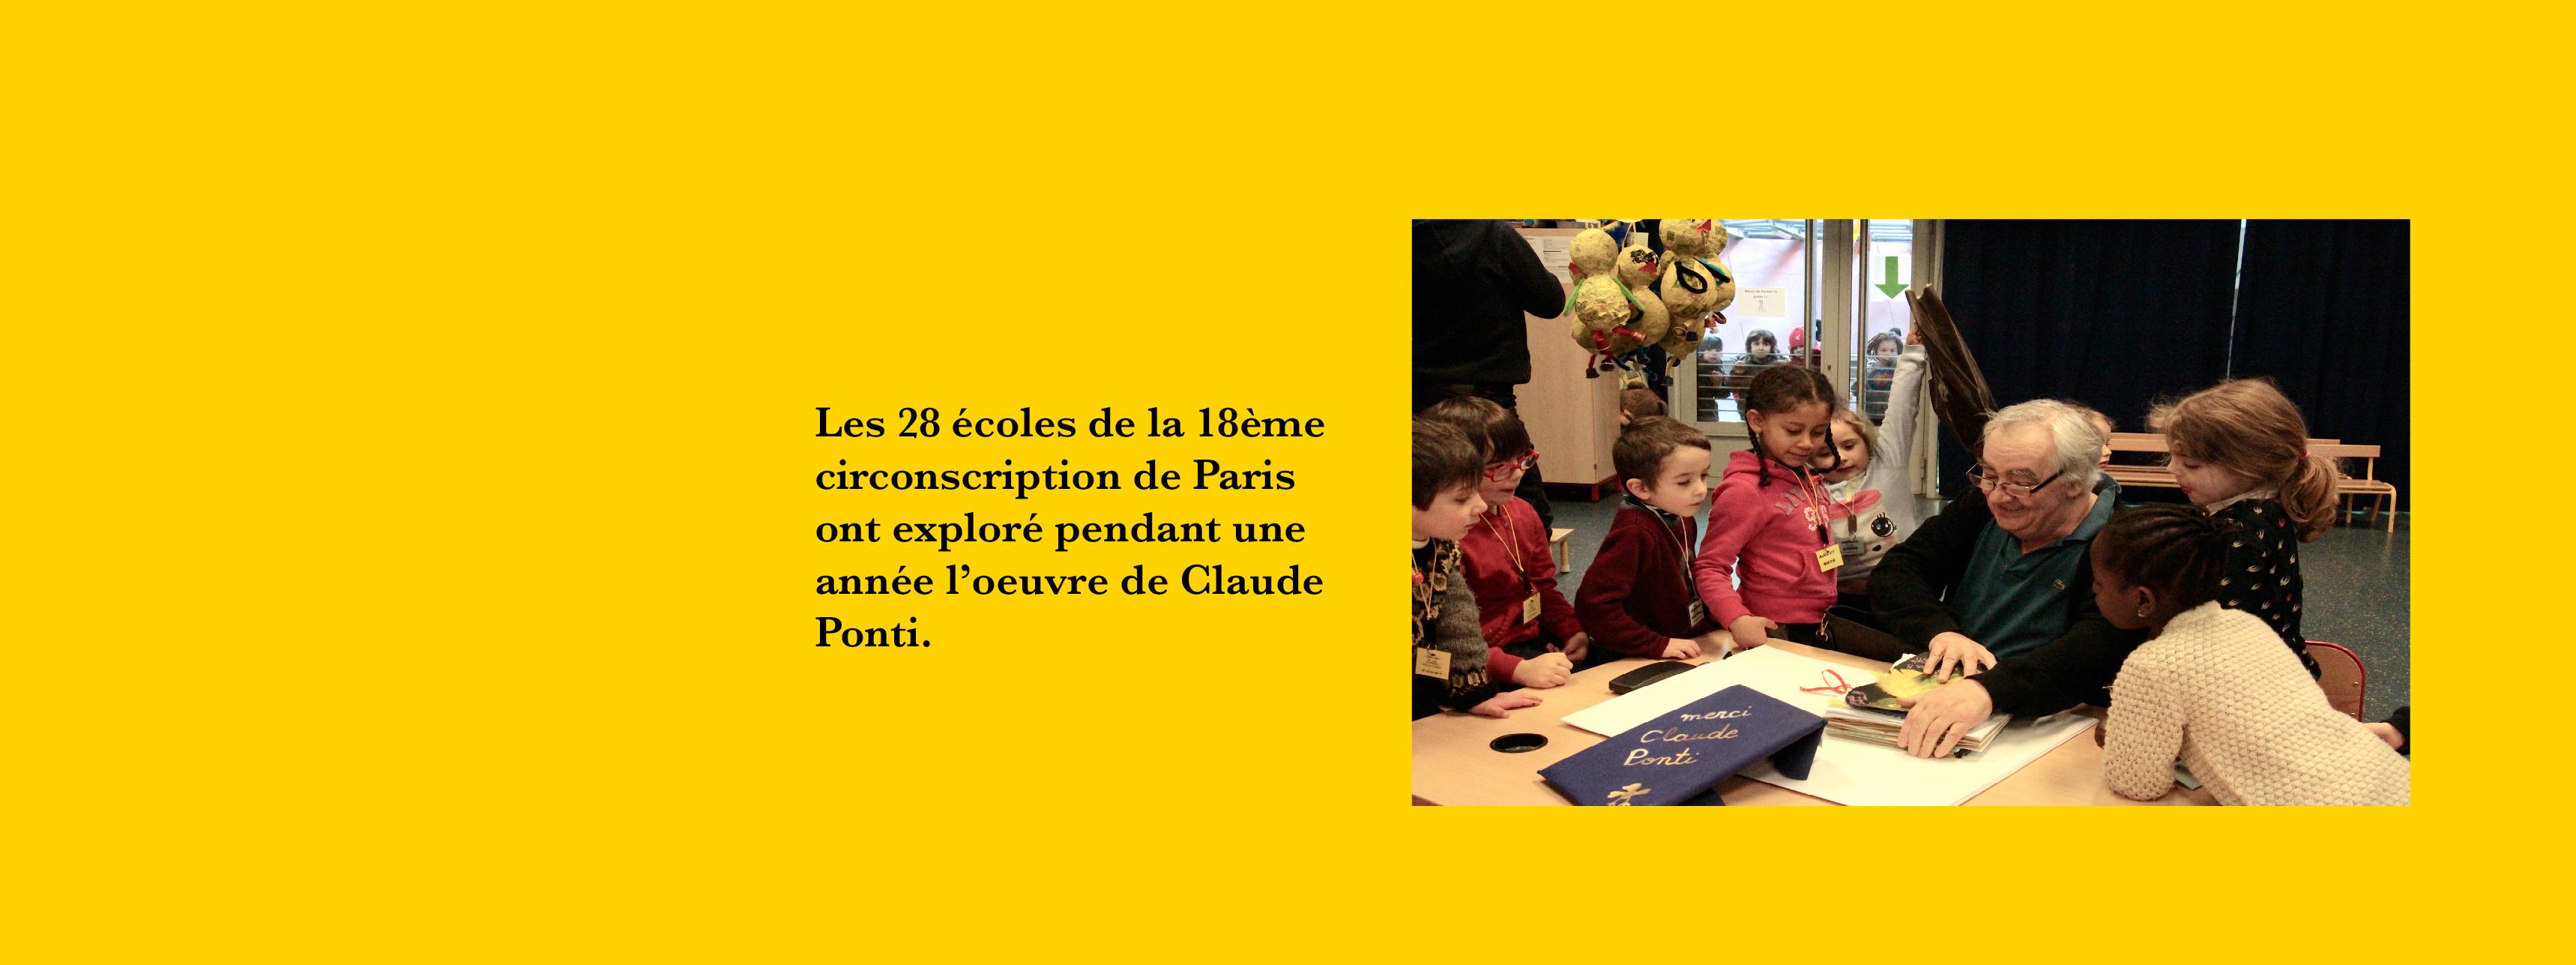 accueil-écoles-18D-1-2